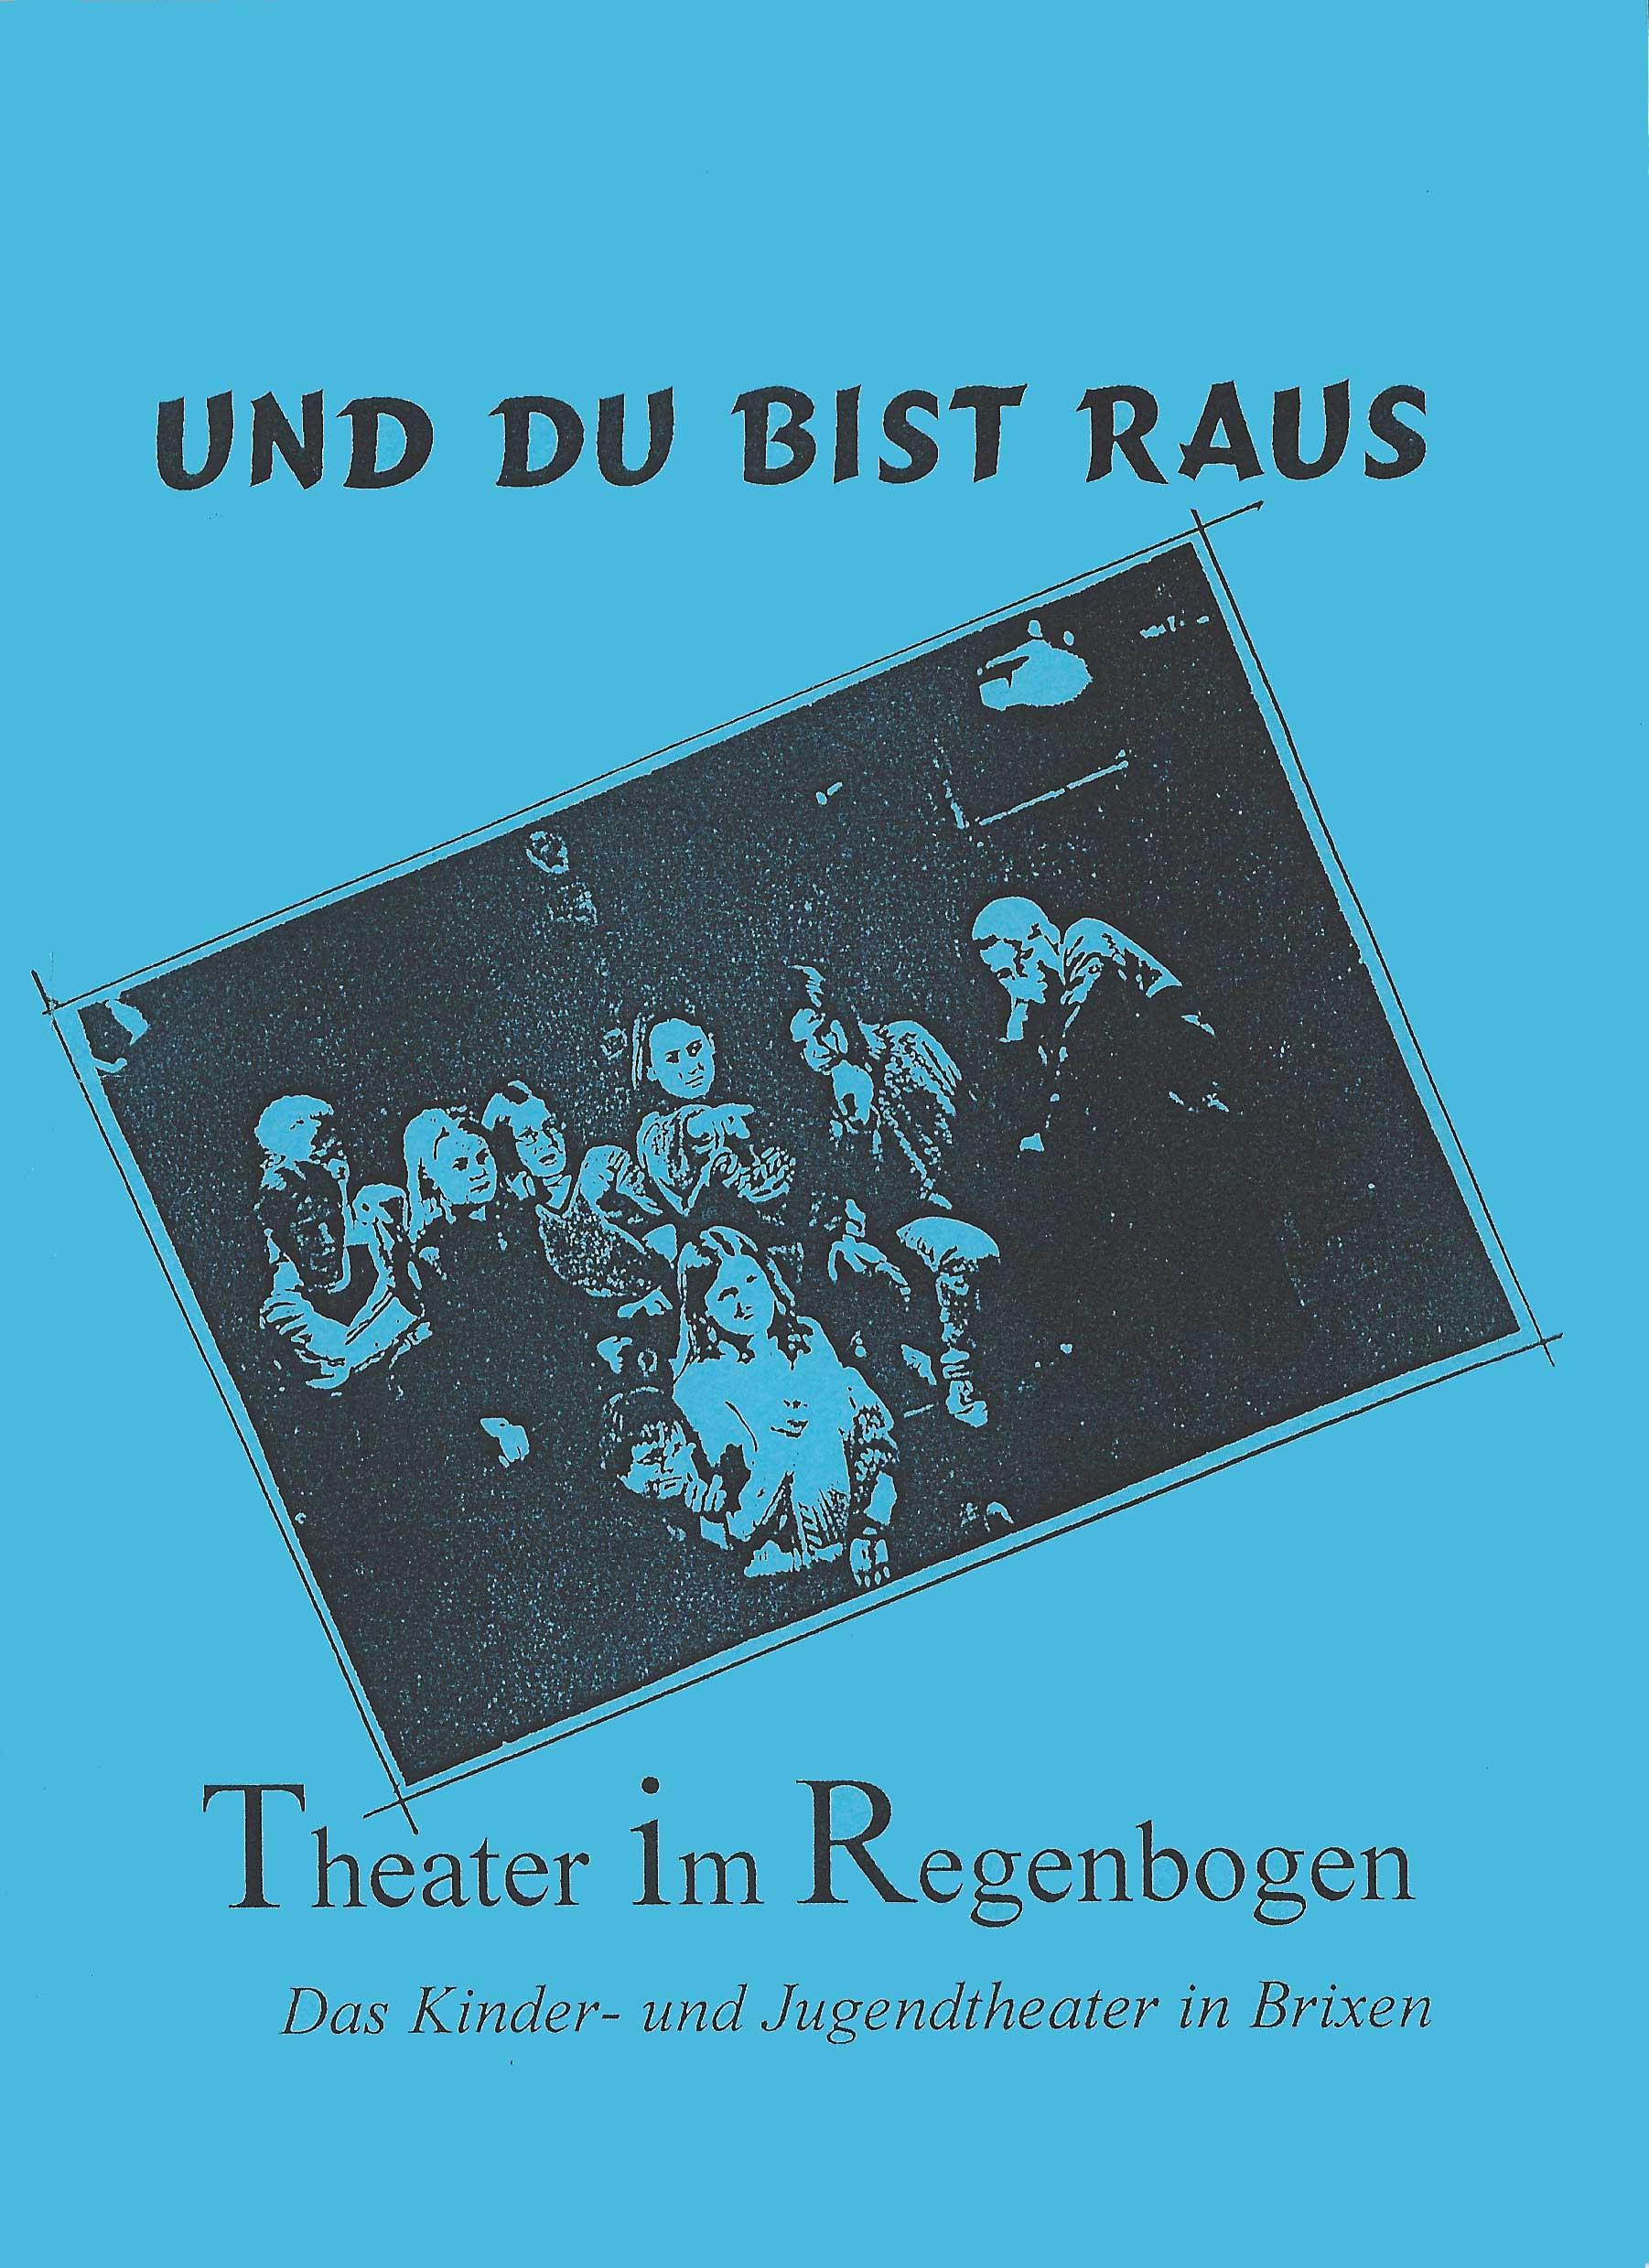 1997-gelb-Und-du-bist-raus-Plakat-web.jpg